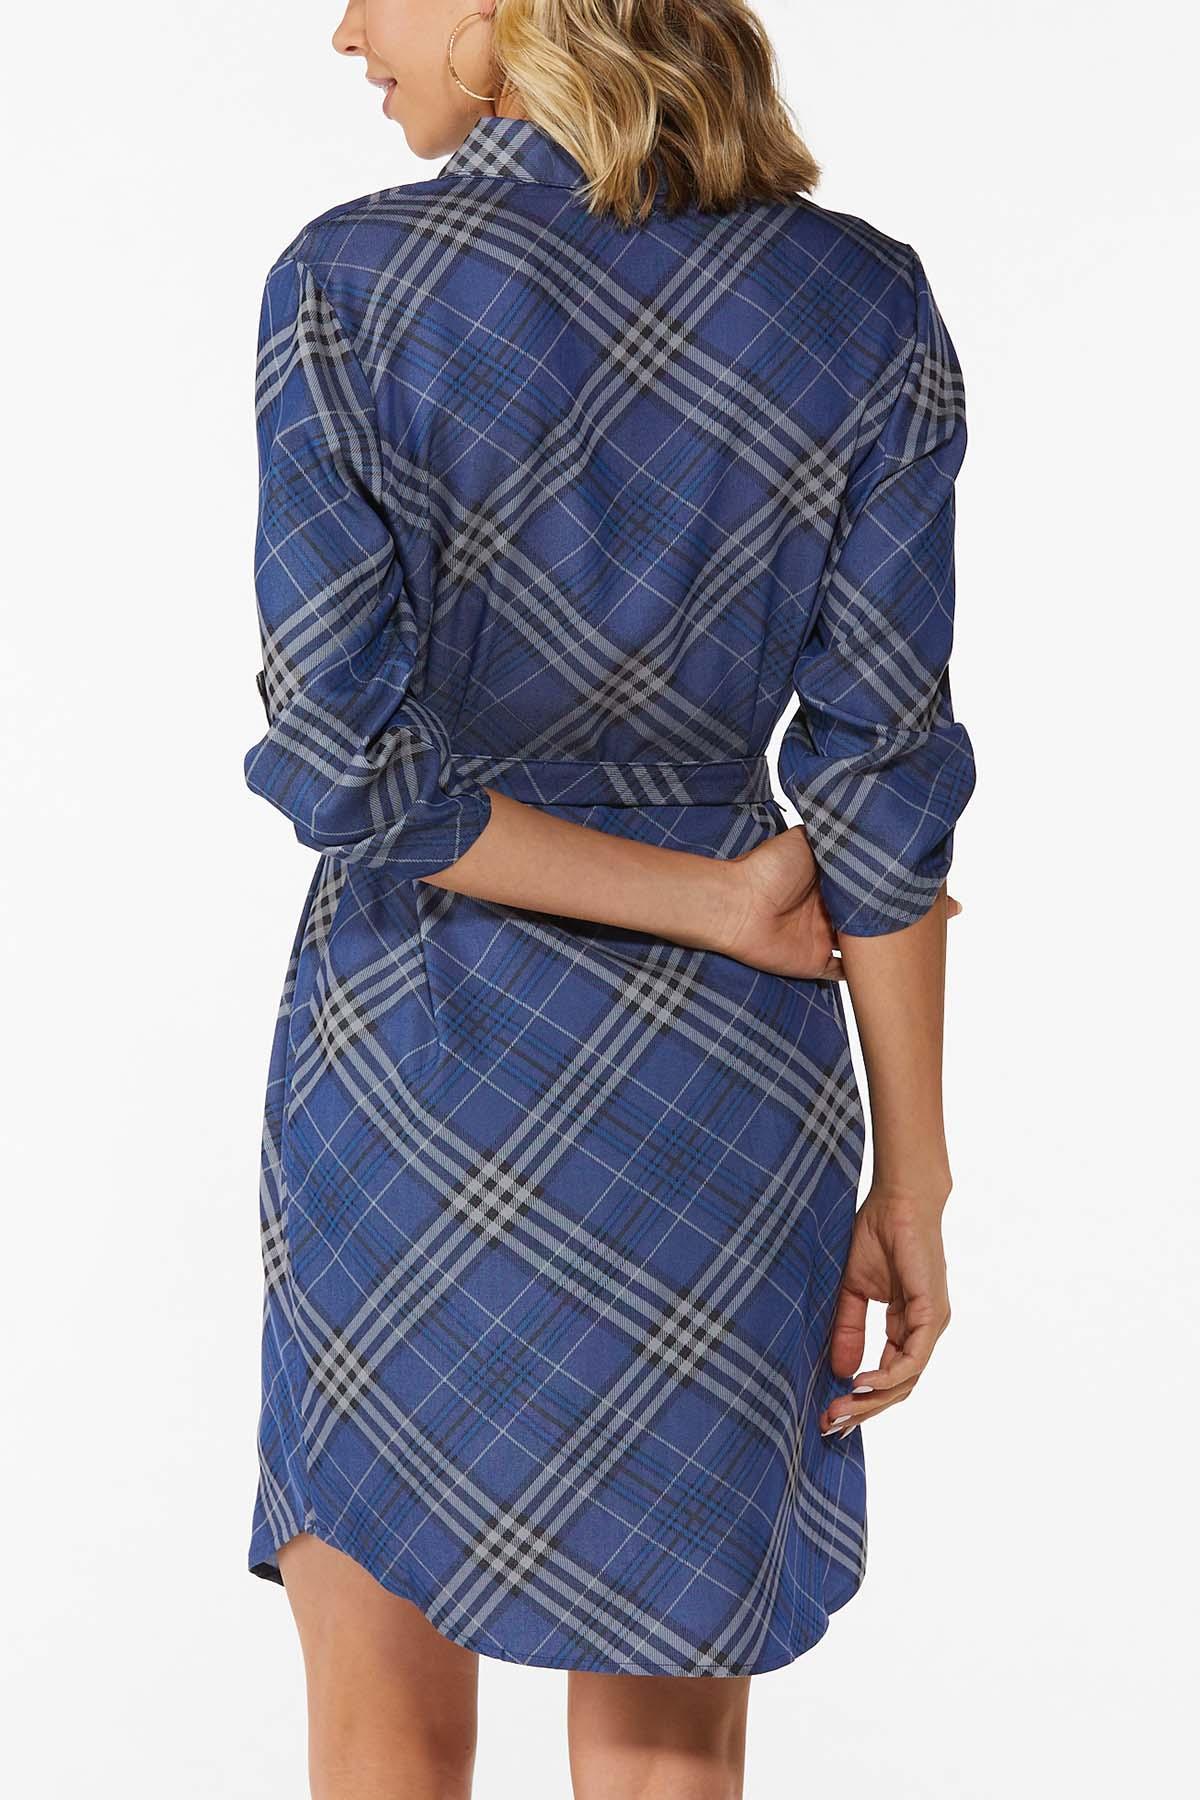 Blue Plaid Shirt Dress (Item #44822626)